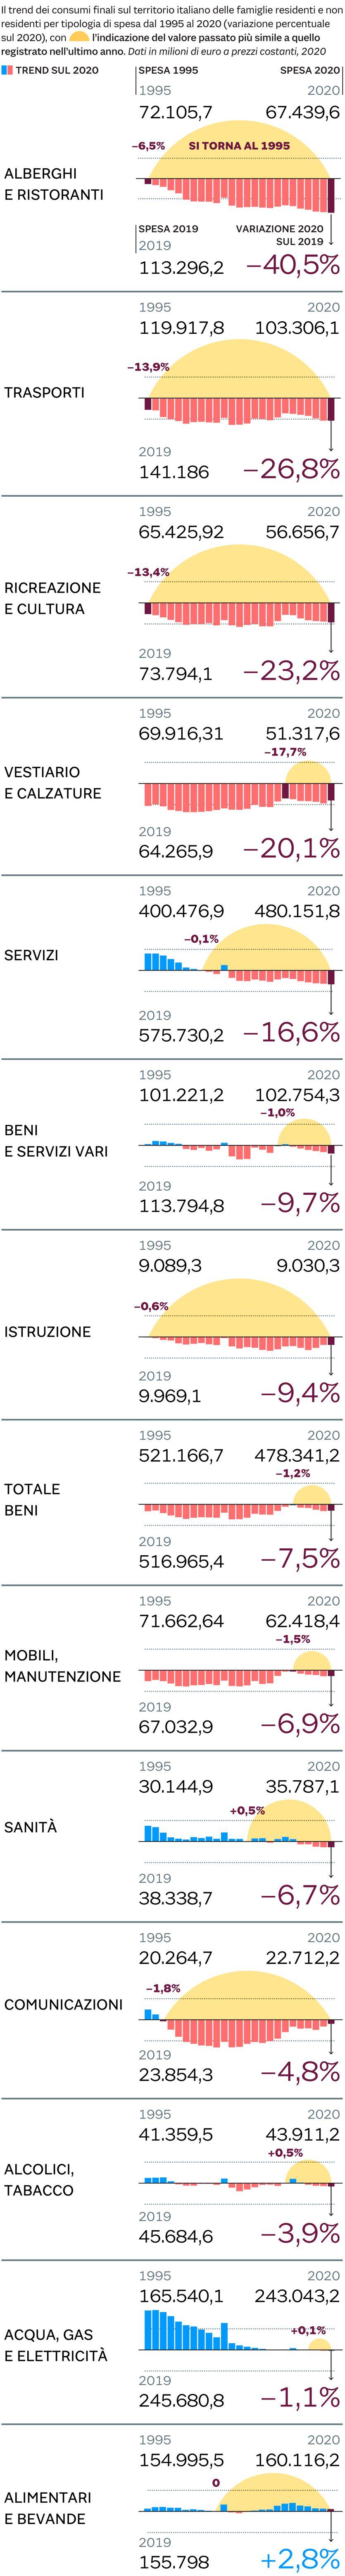 COME E' CAMBIATA LA SPESA DEGLI ITALIANI